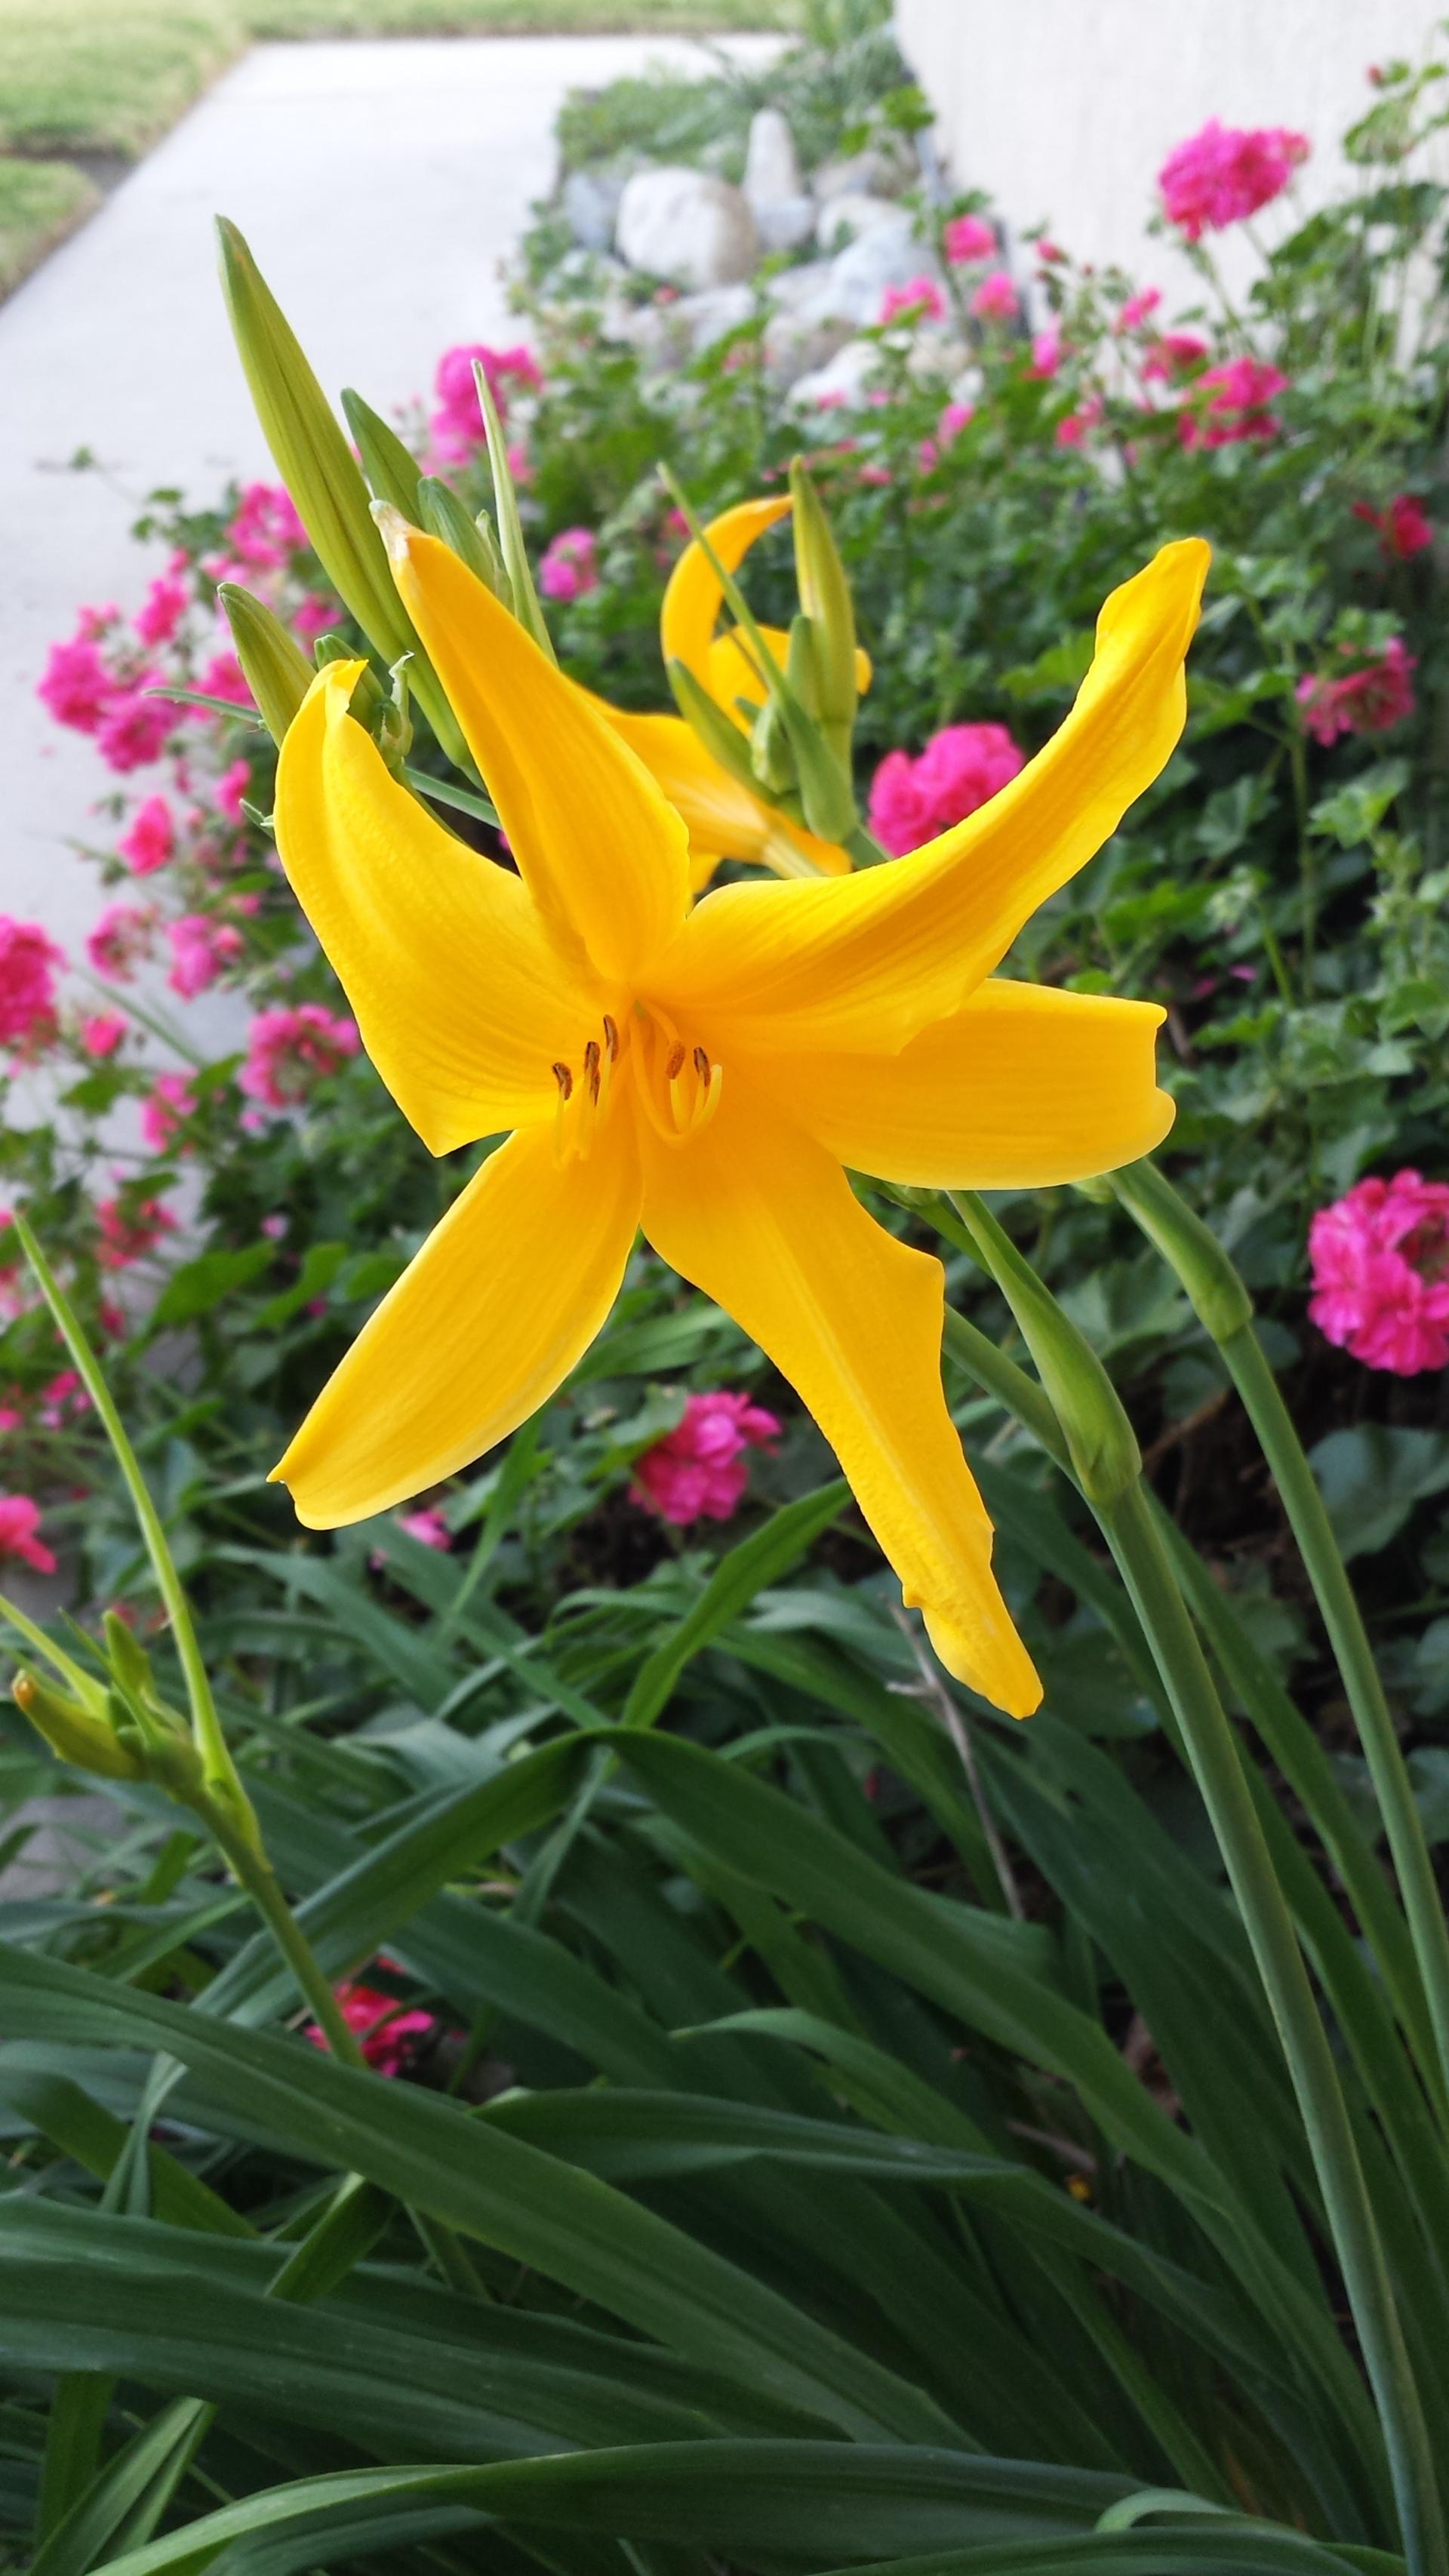 flower | nature, flora, garden, summer